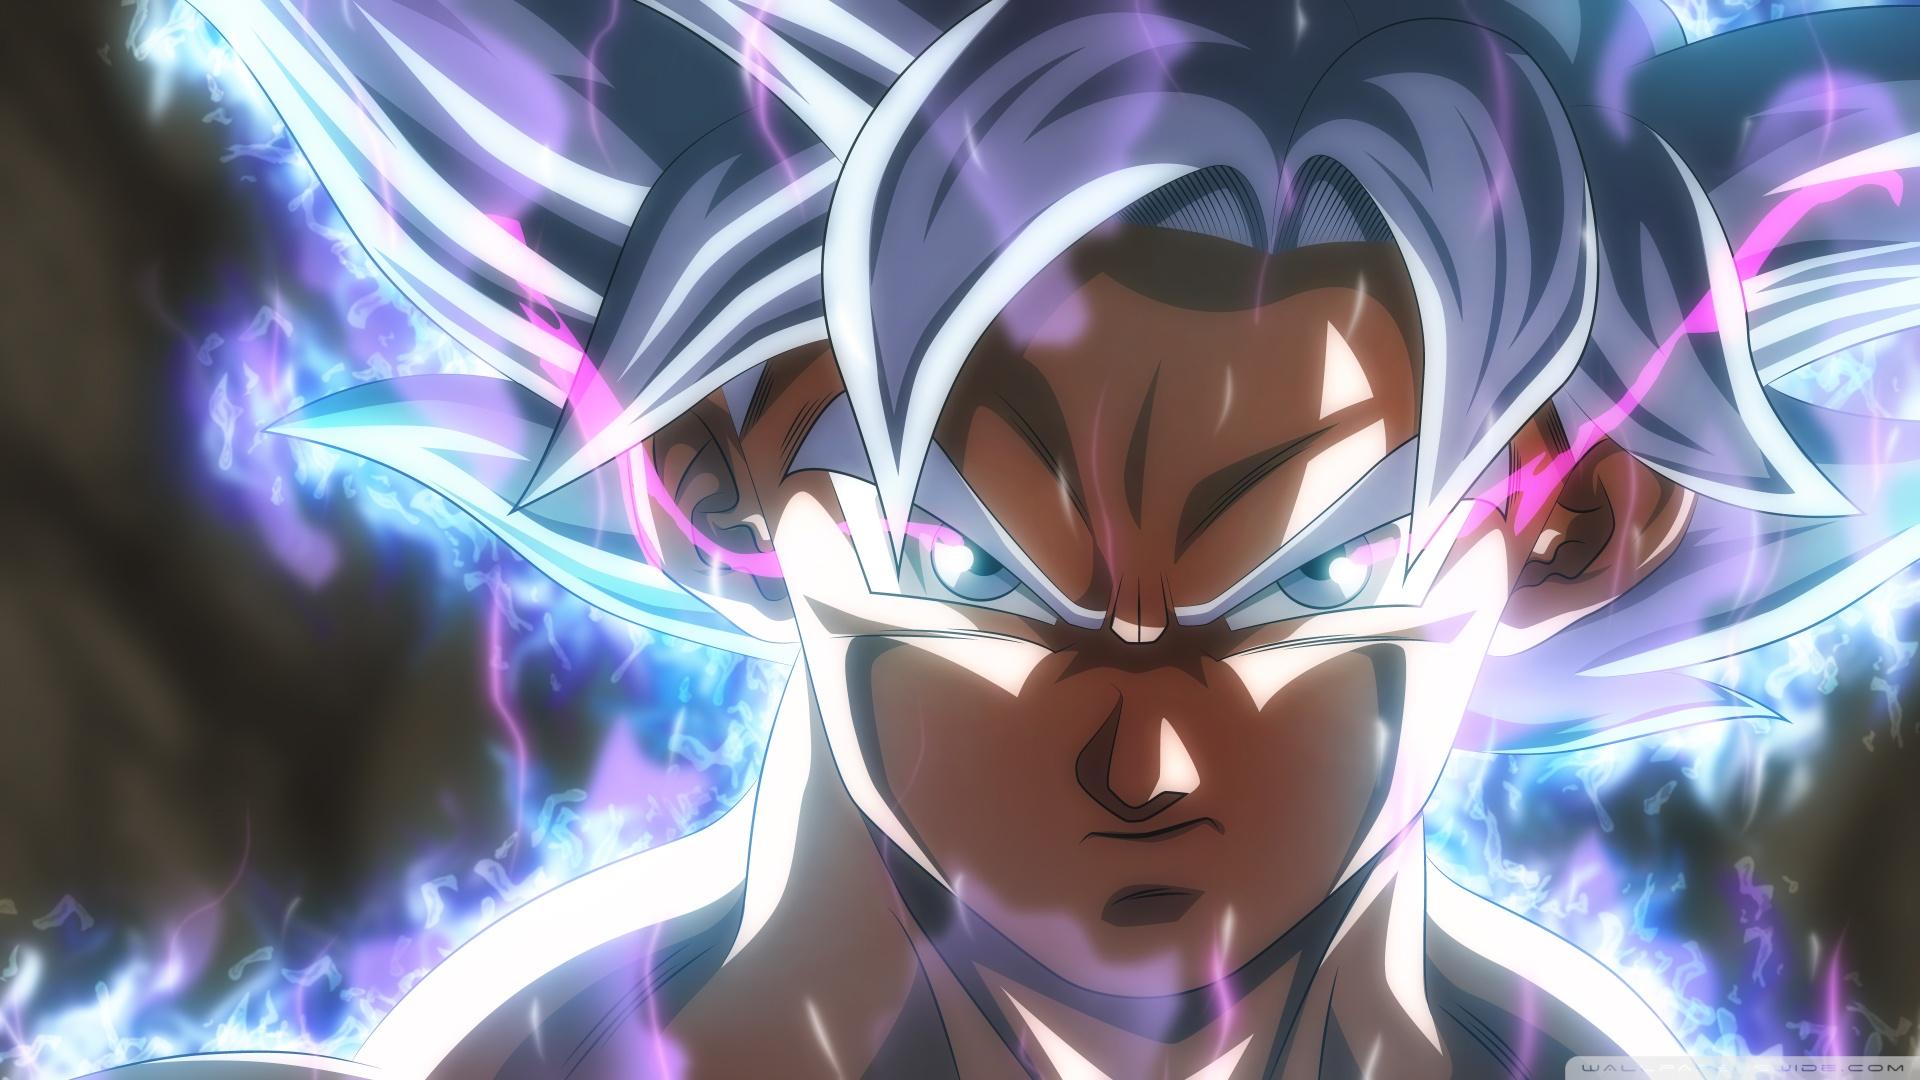 Goku Ultra Instinct Hd Wallpaper